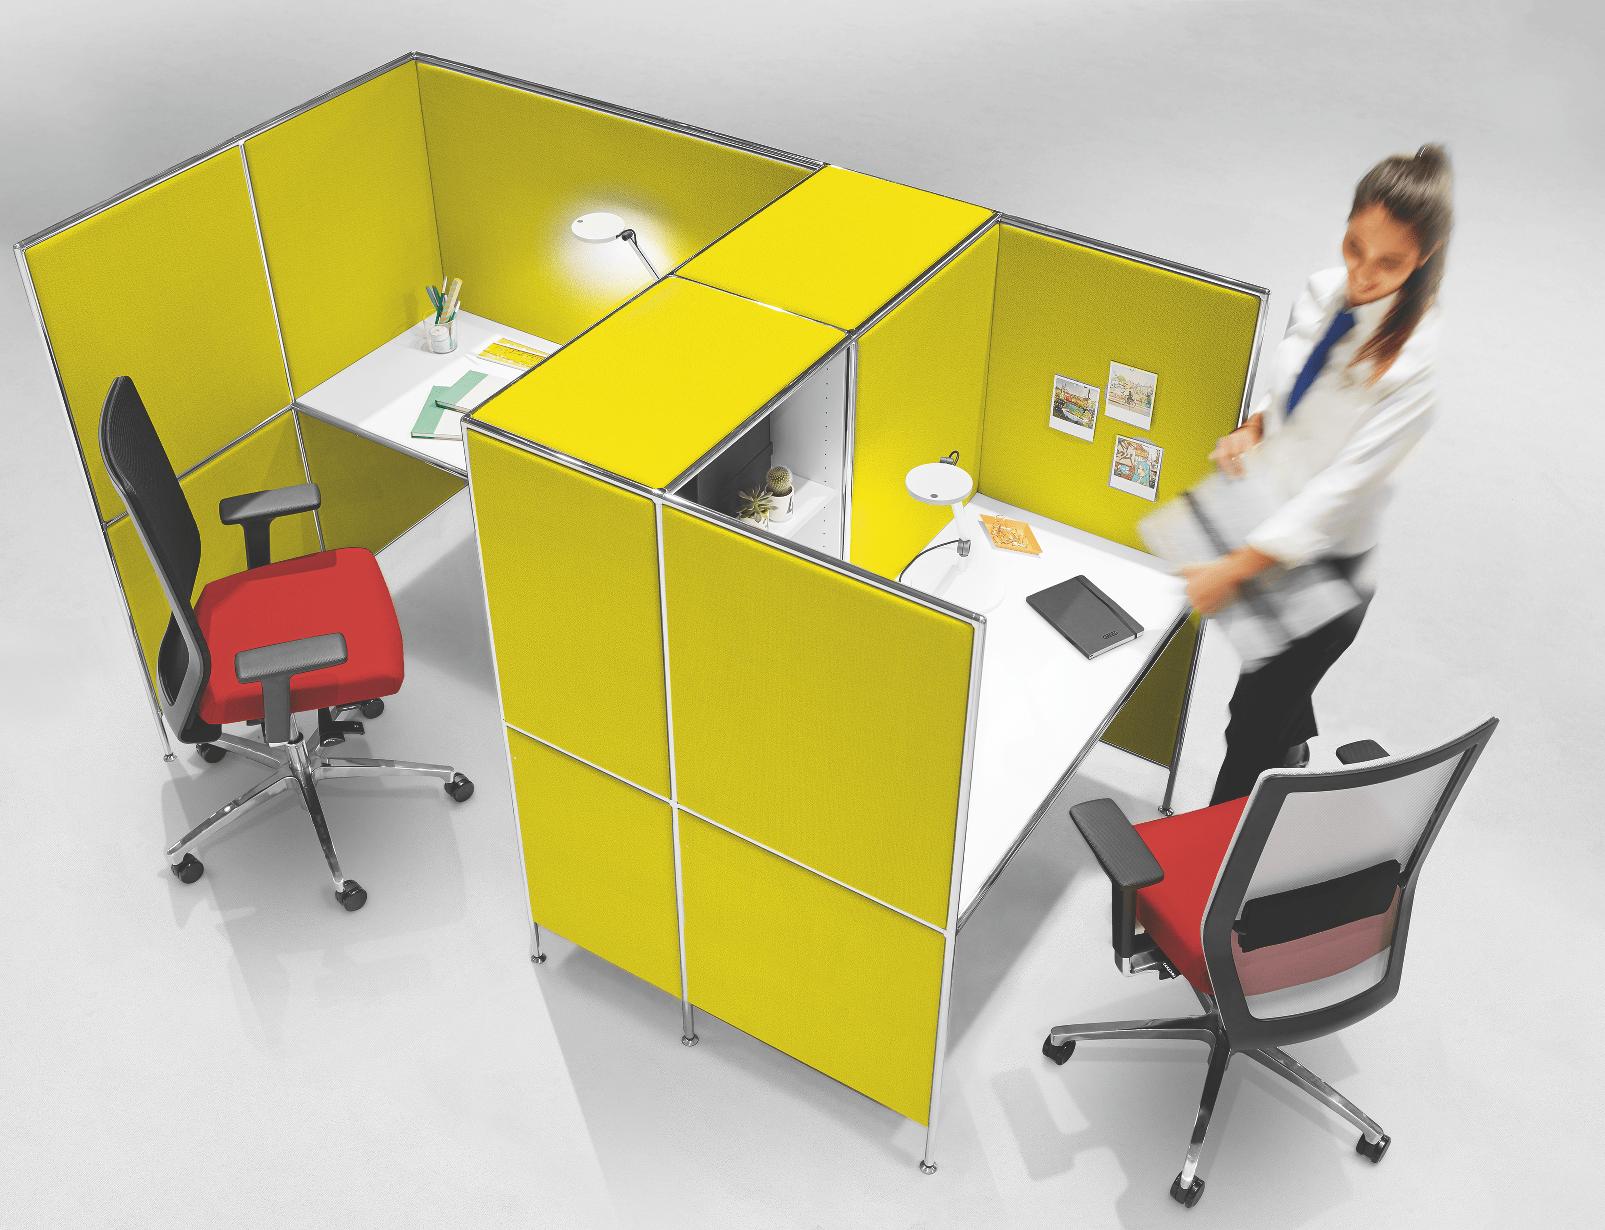 Bosse Büromöbel Systeme